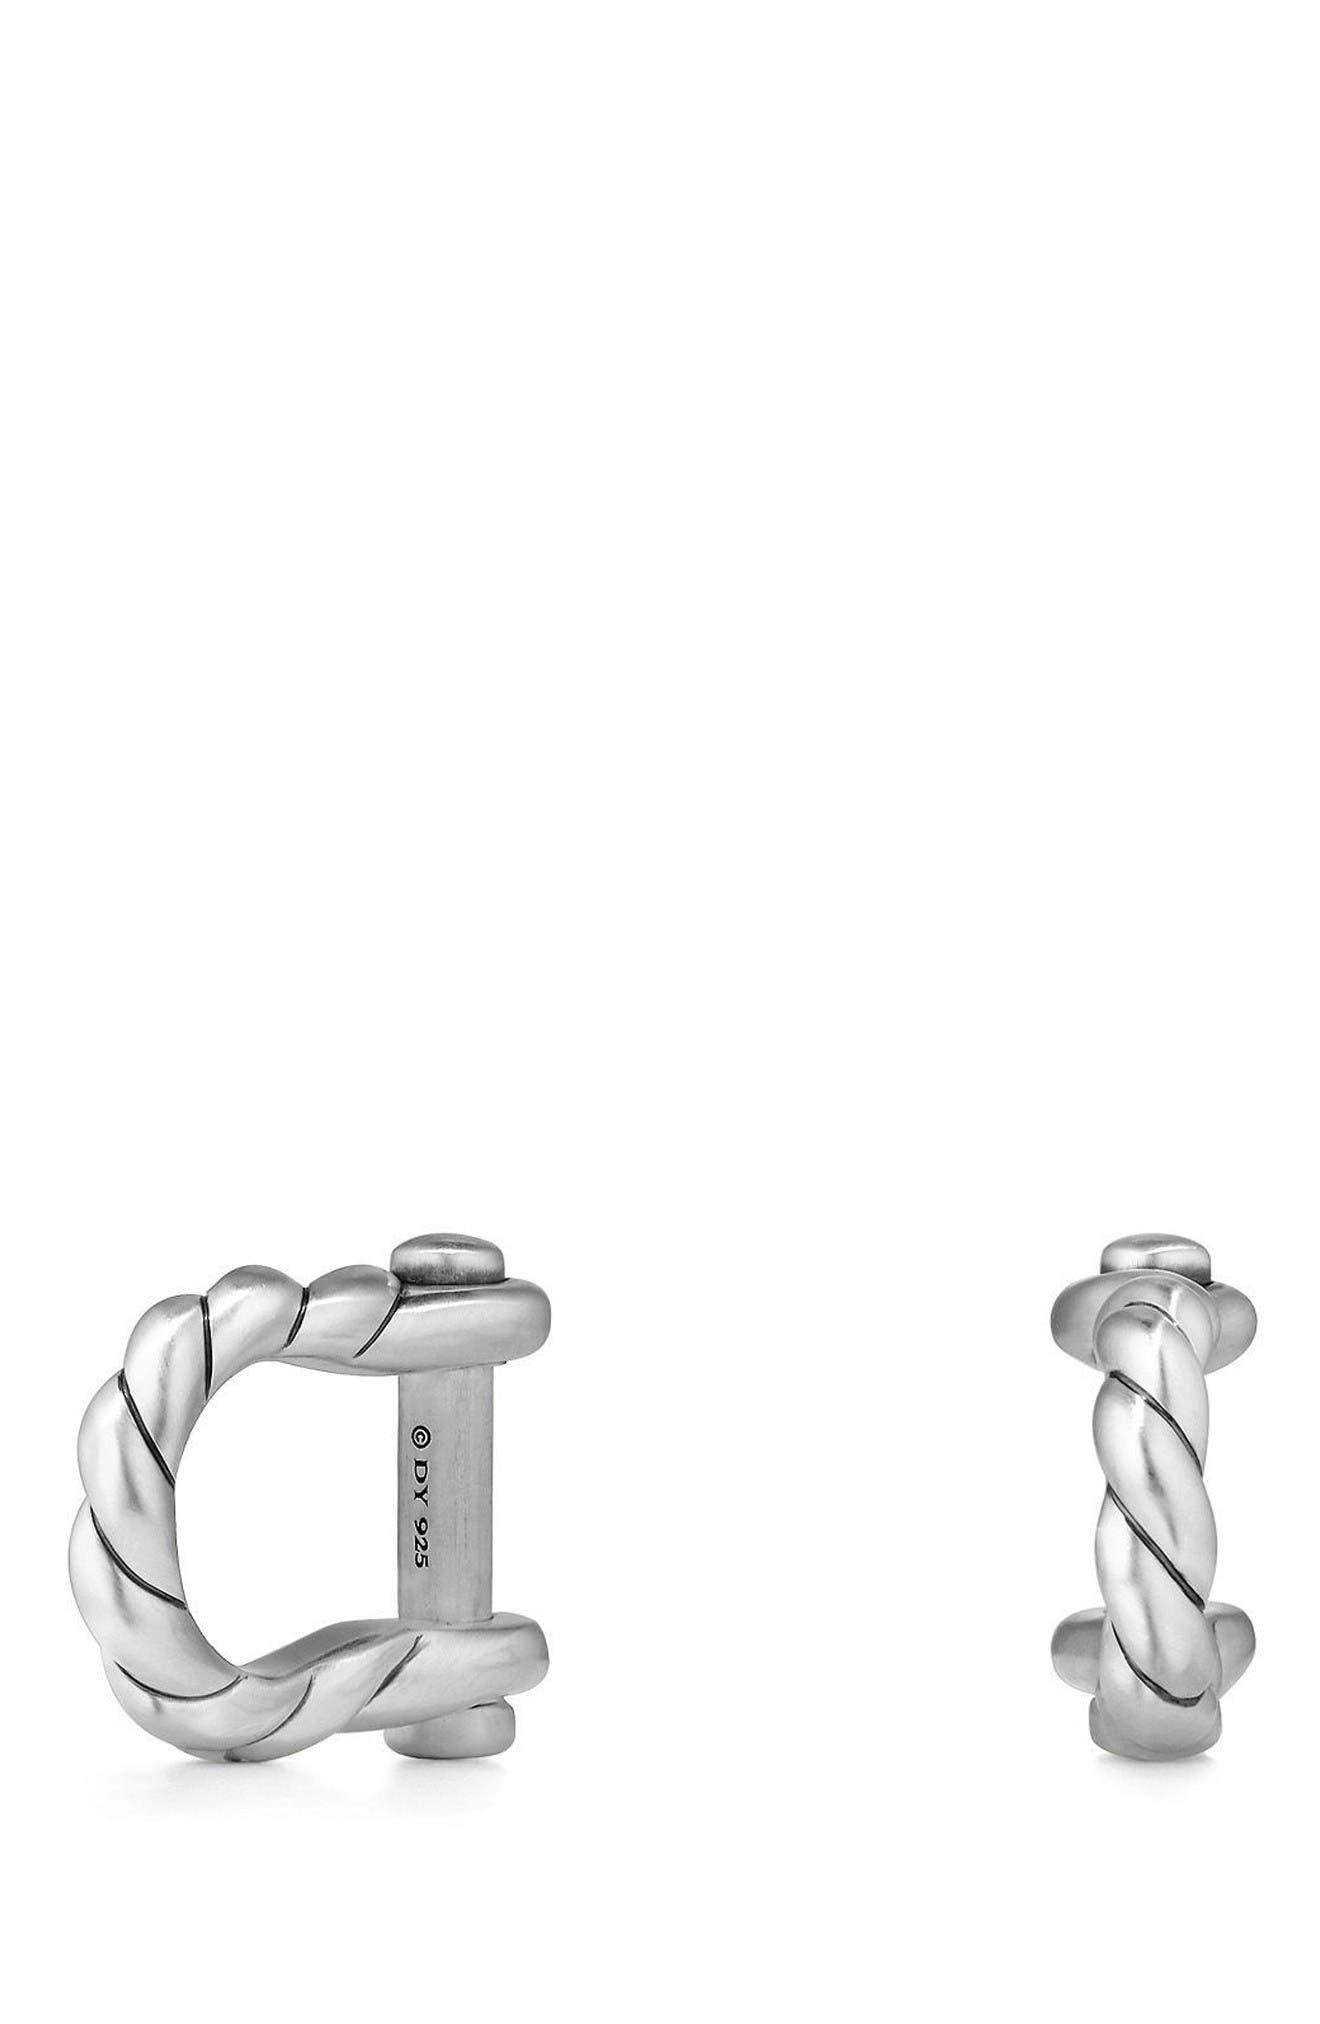 DAVID YURMAN Maritime Shackle Silver Cuff Links